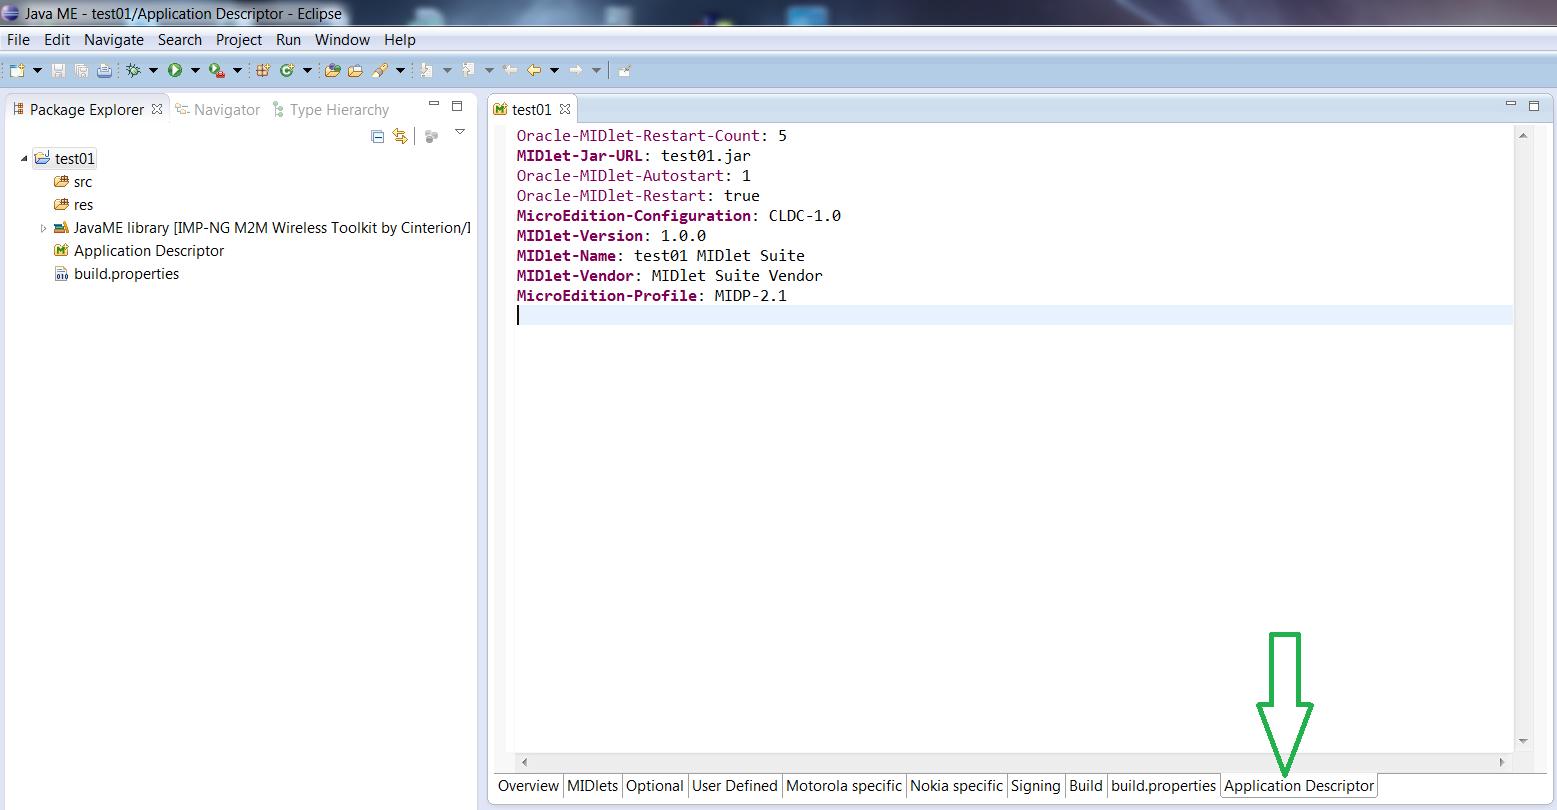 application_descriptor